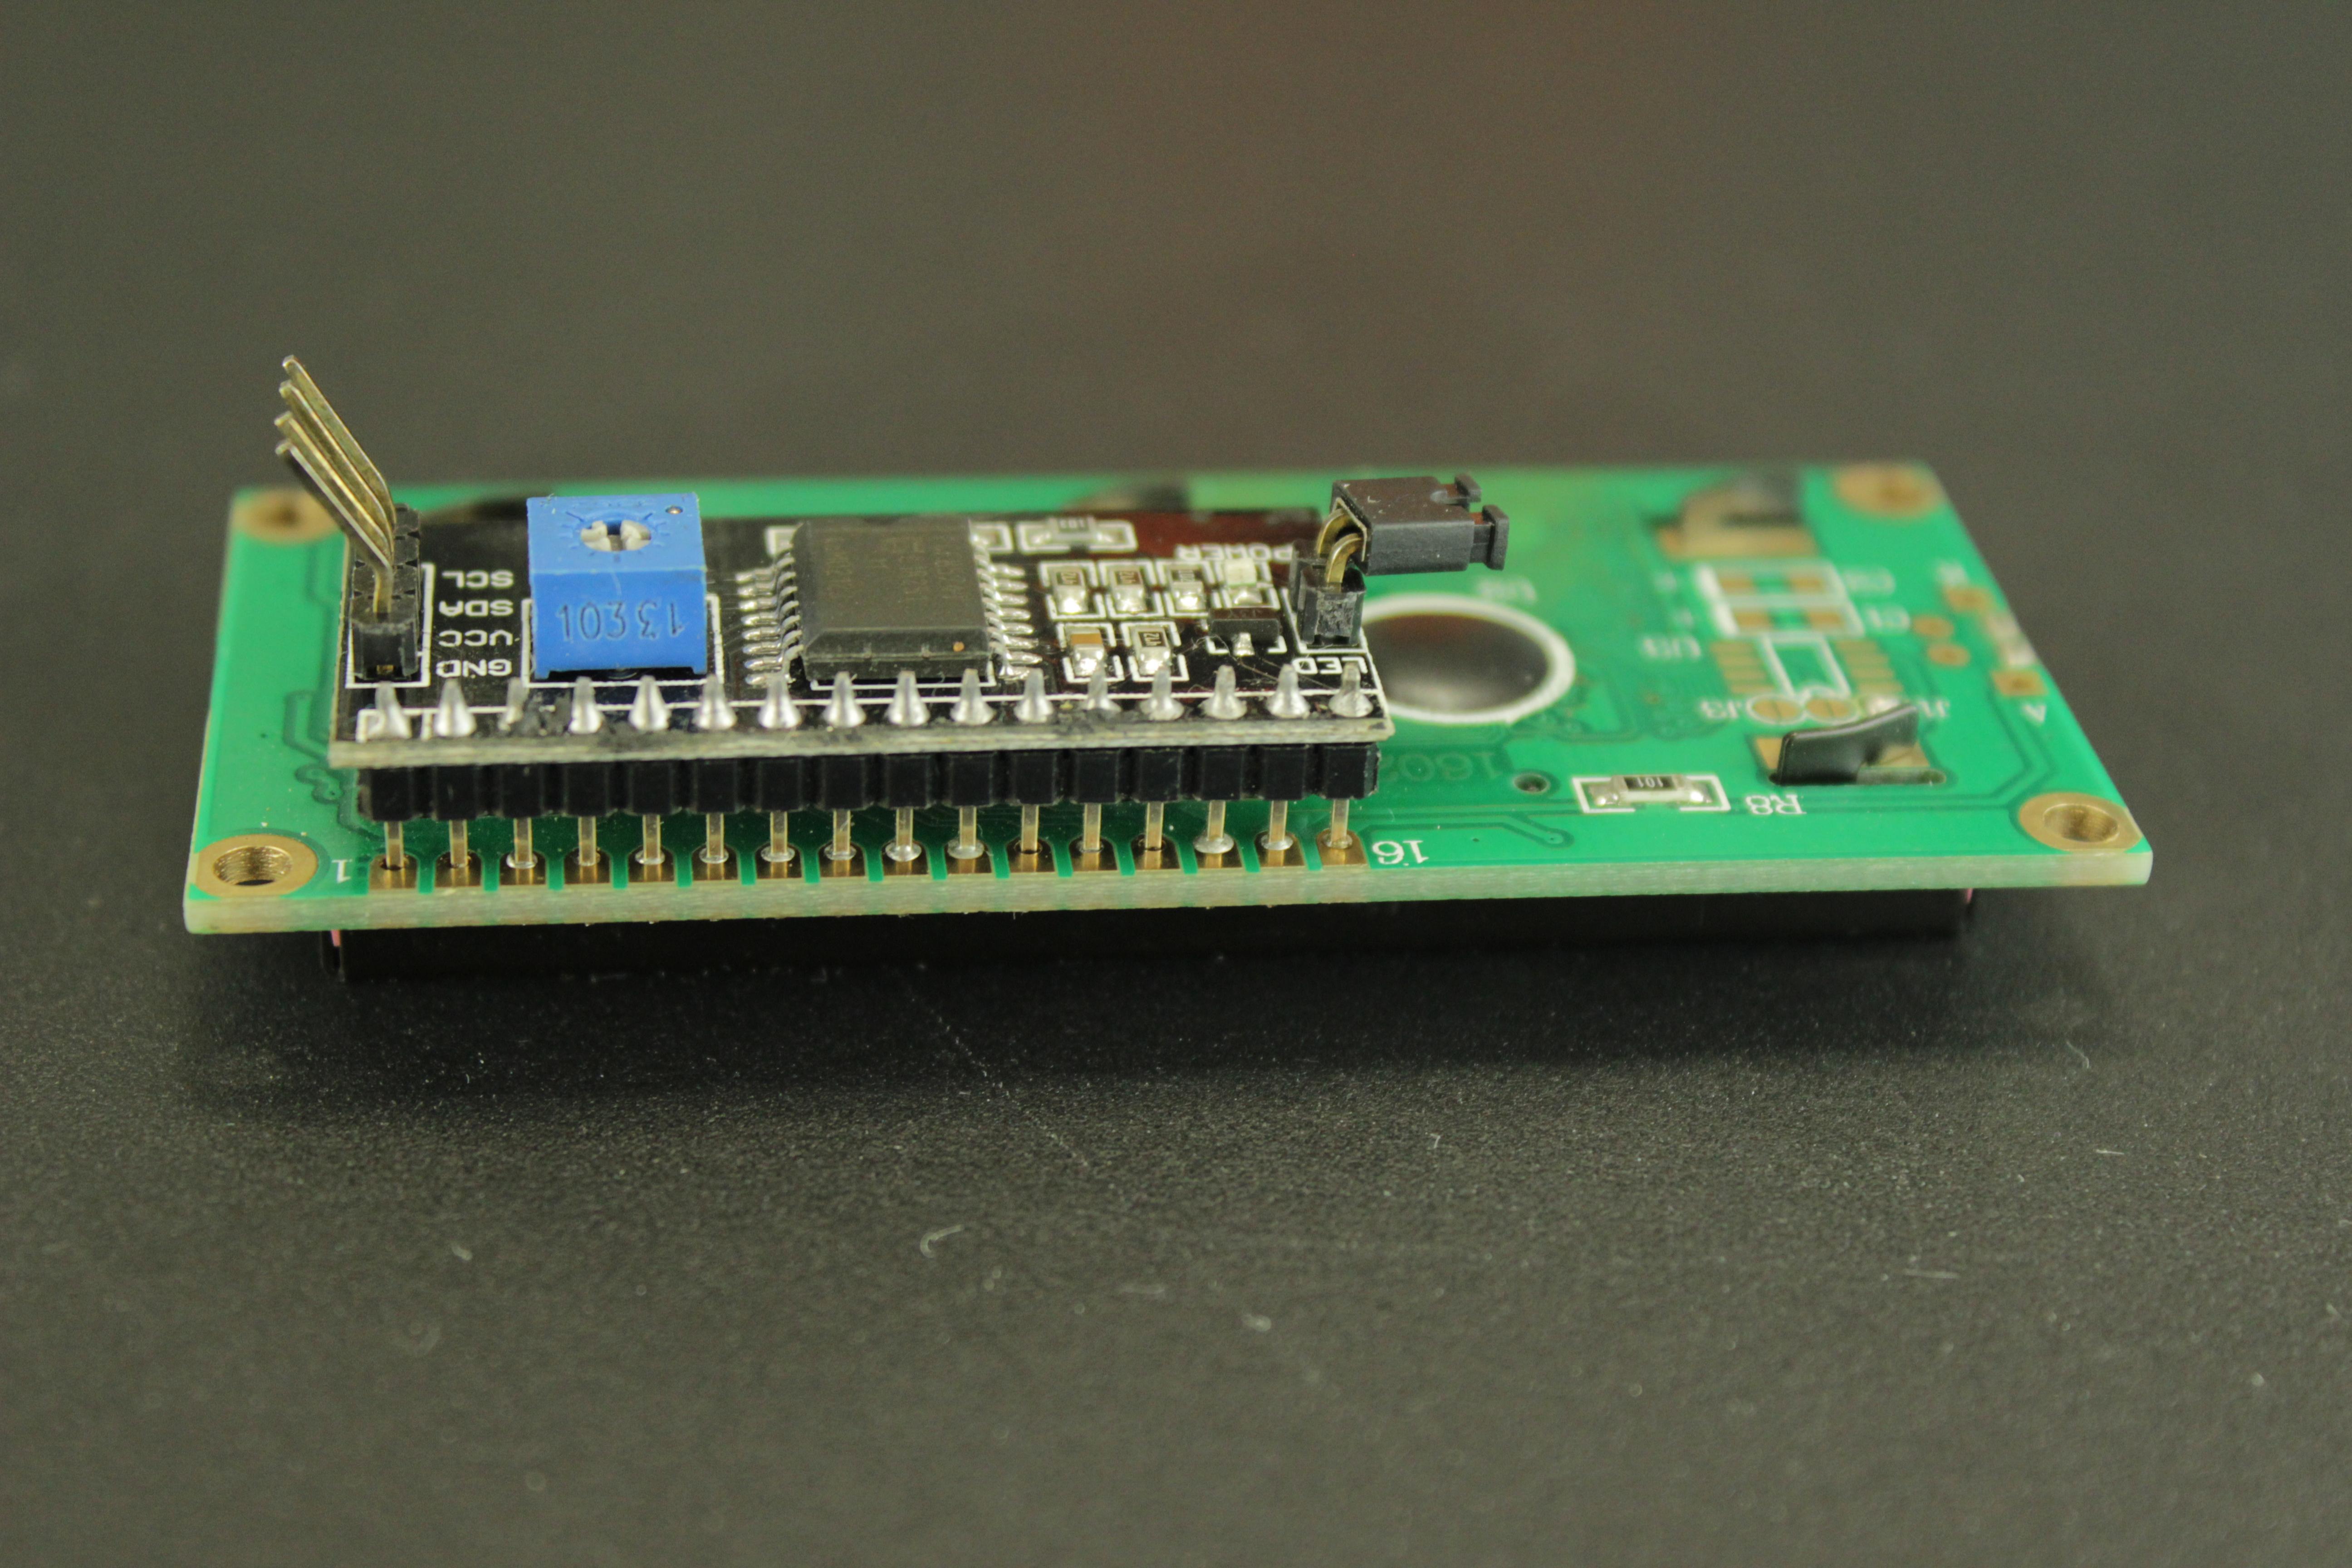 LCD 16x2 por I2C con Arduino usando solo dos pines - Geek